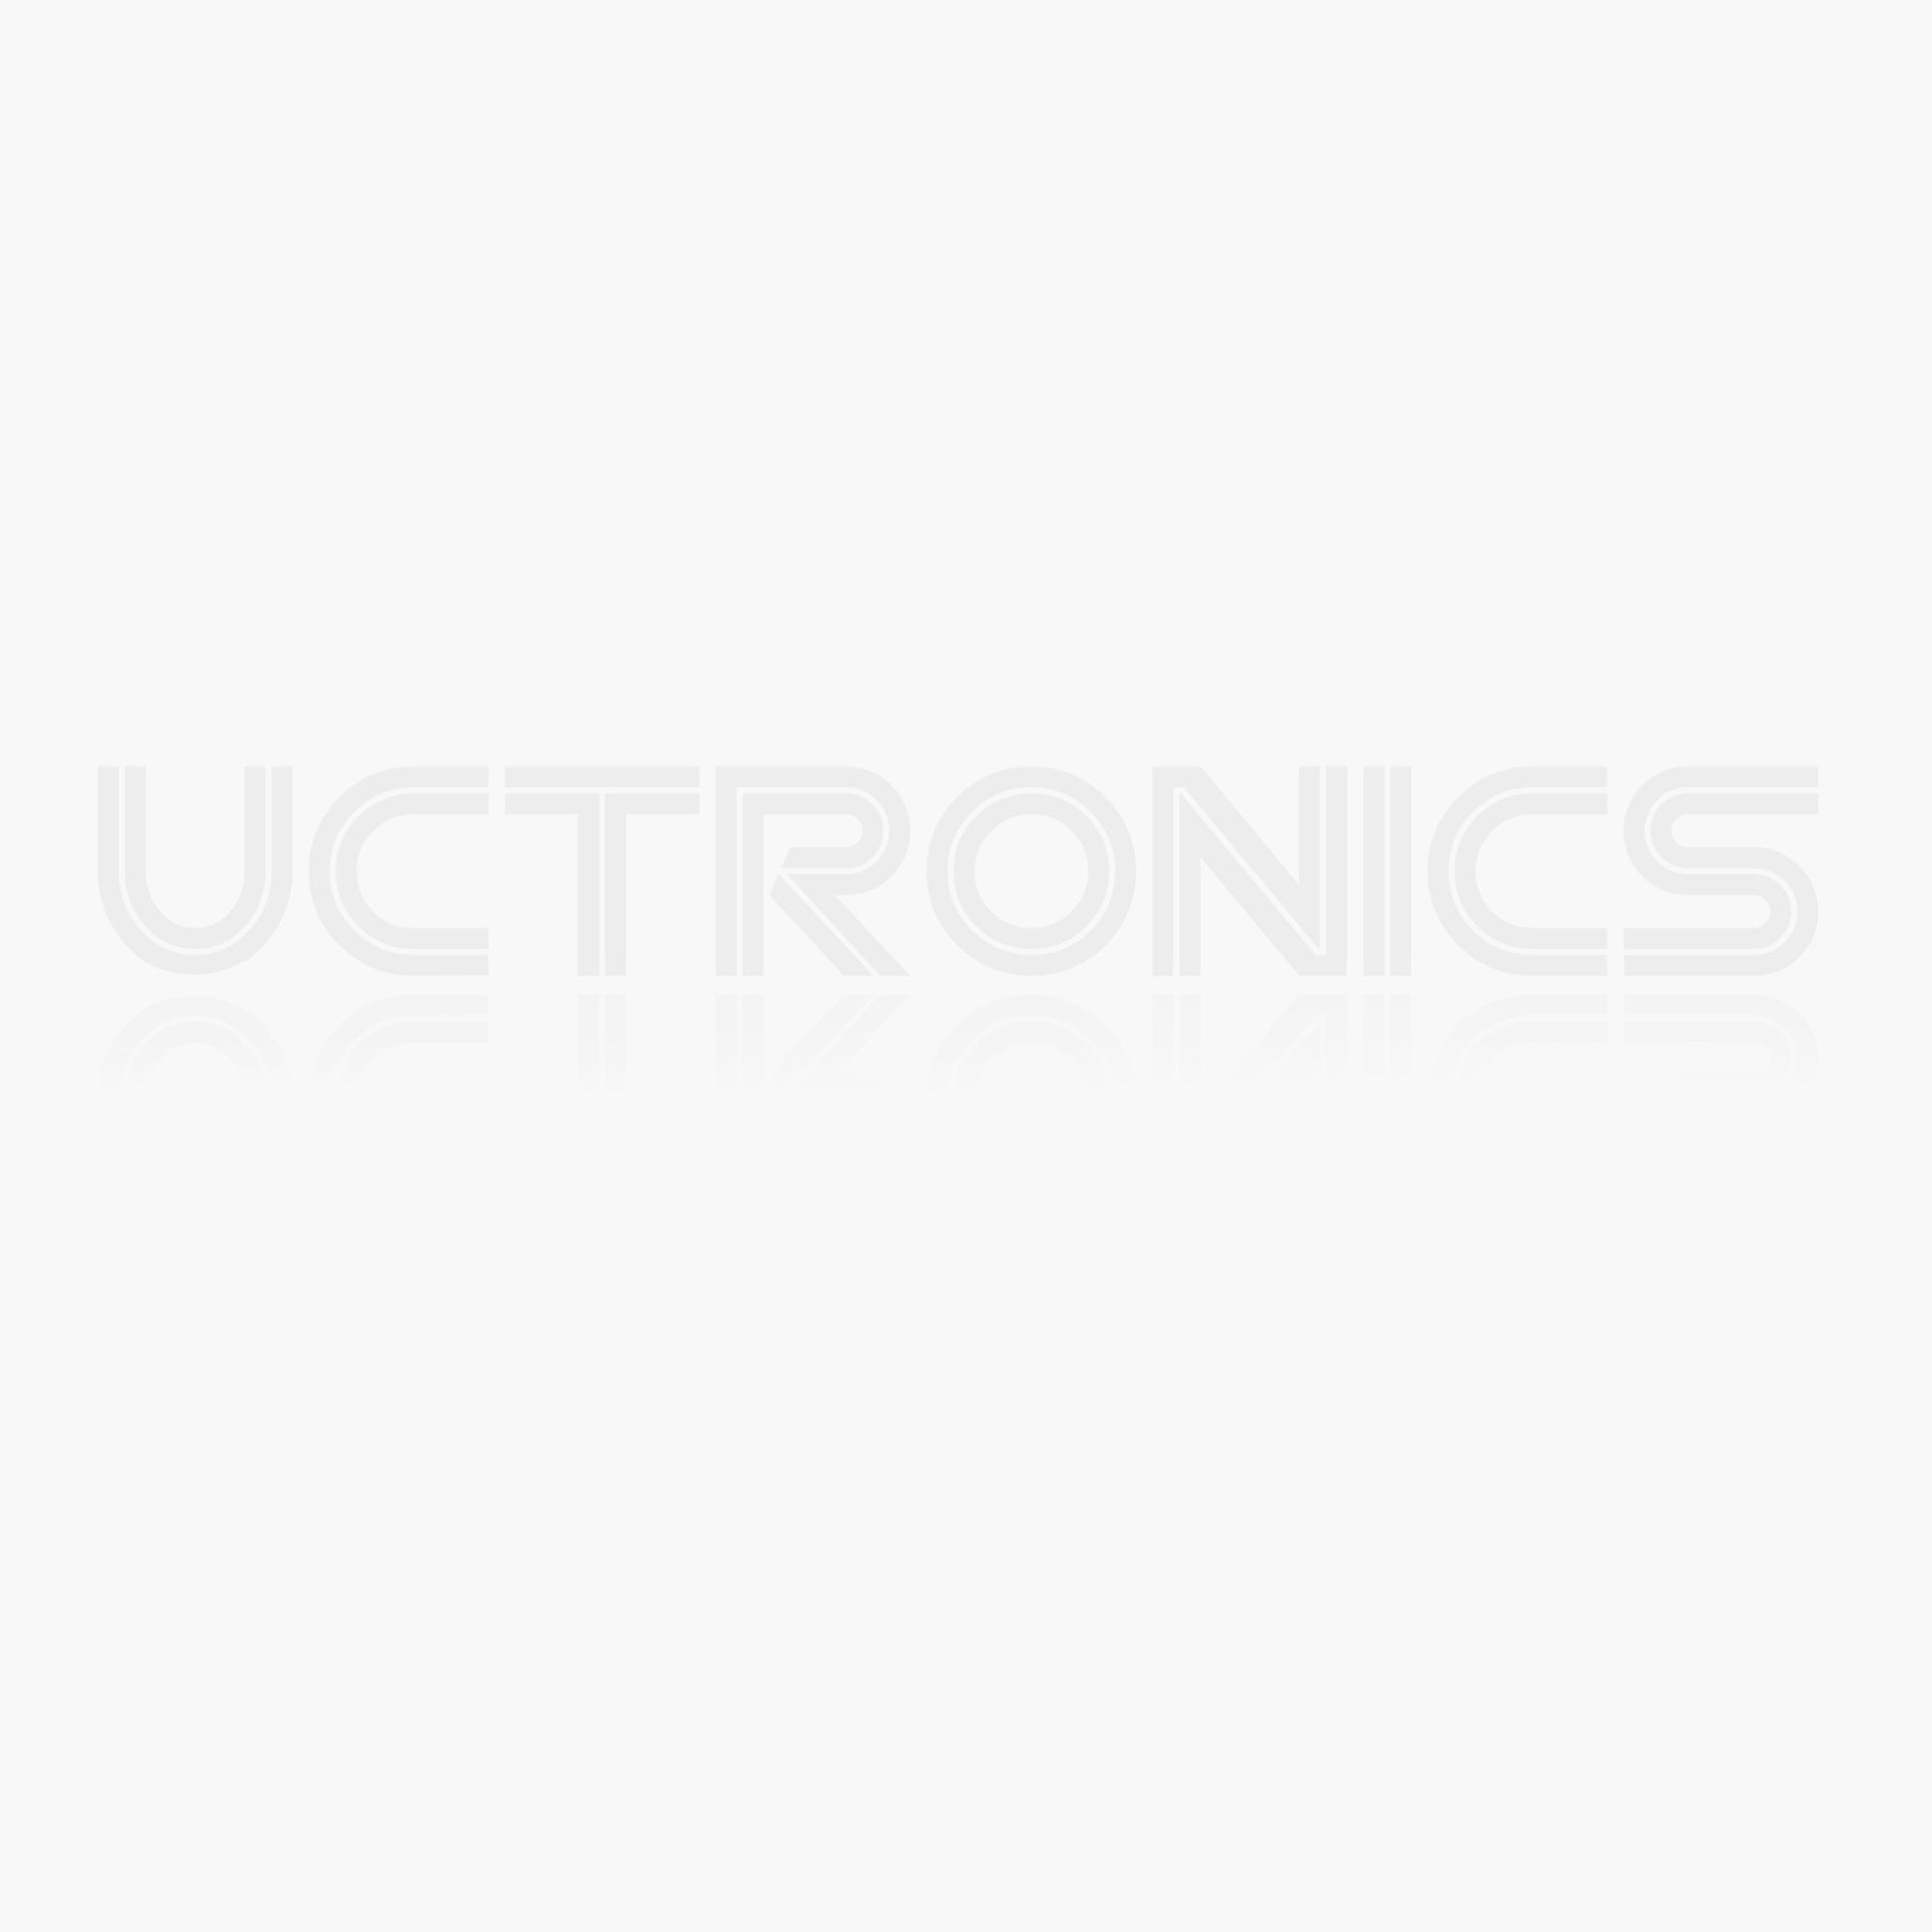 DC 1.7-25V Voltage Panel Meter - Blue